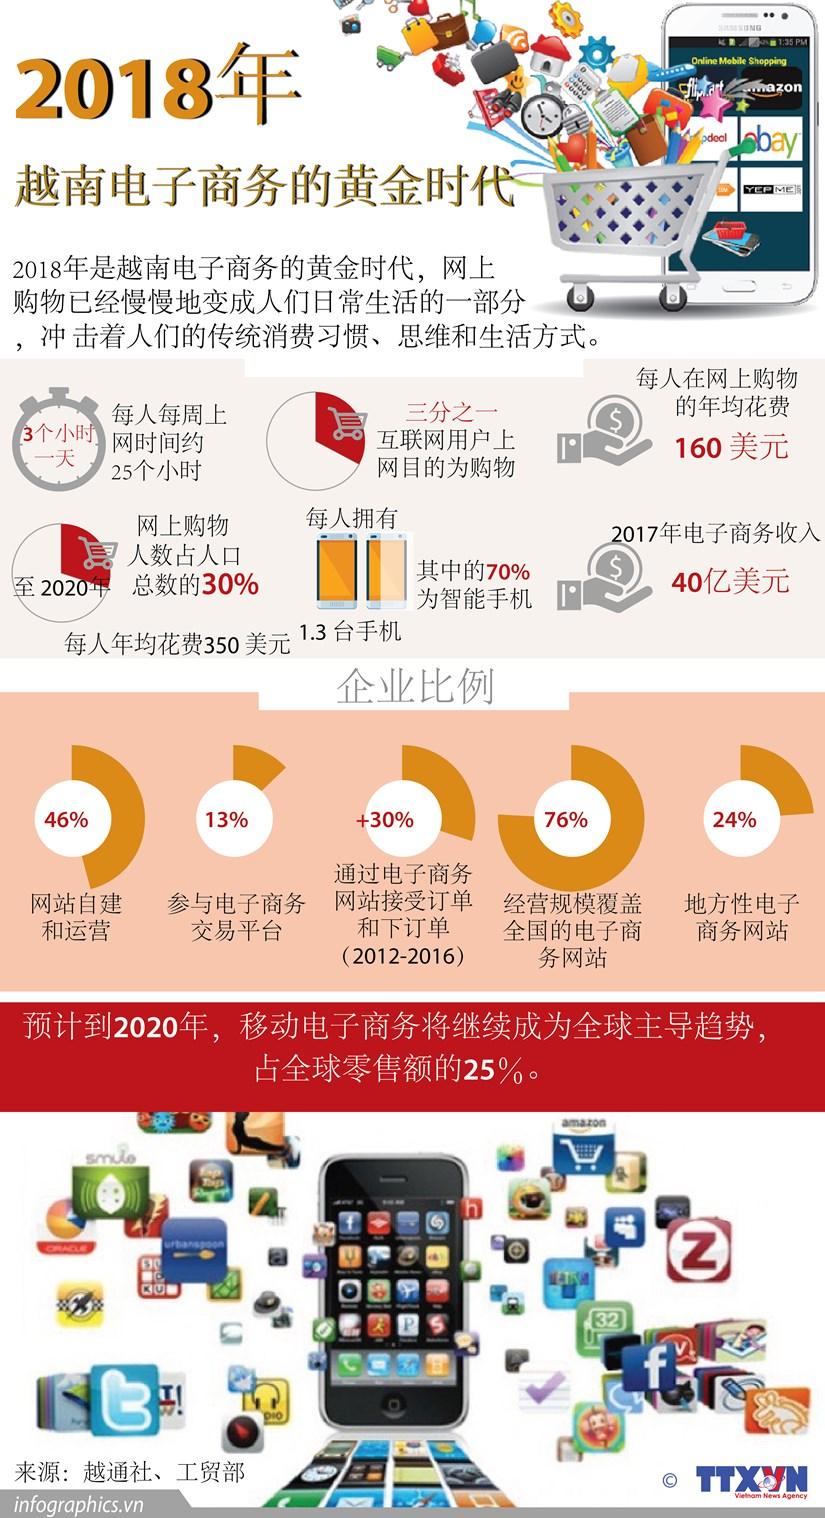 图表新闻:2018年——越南电子商务的黄金时代 hinh anh 1